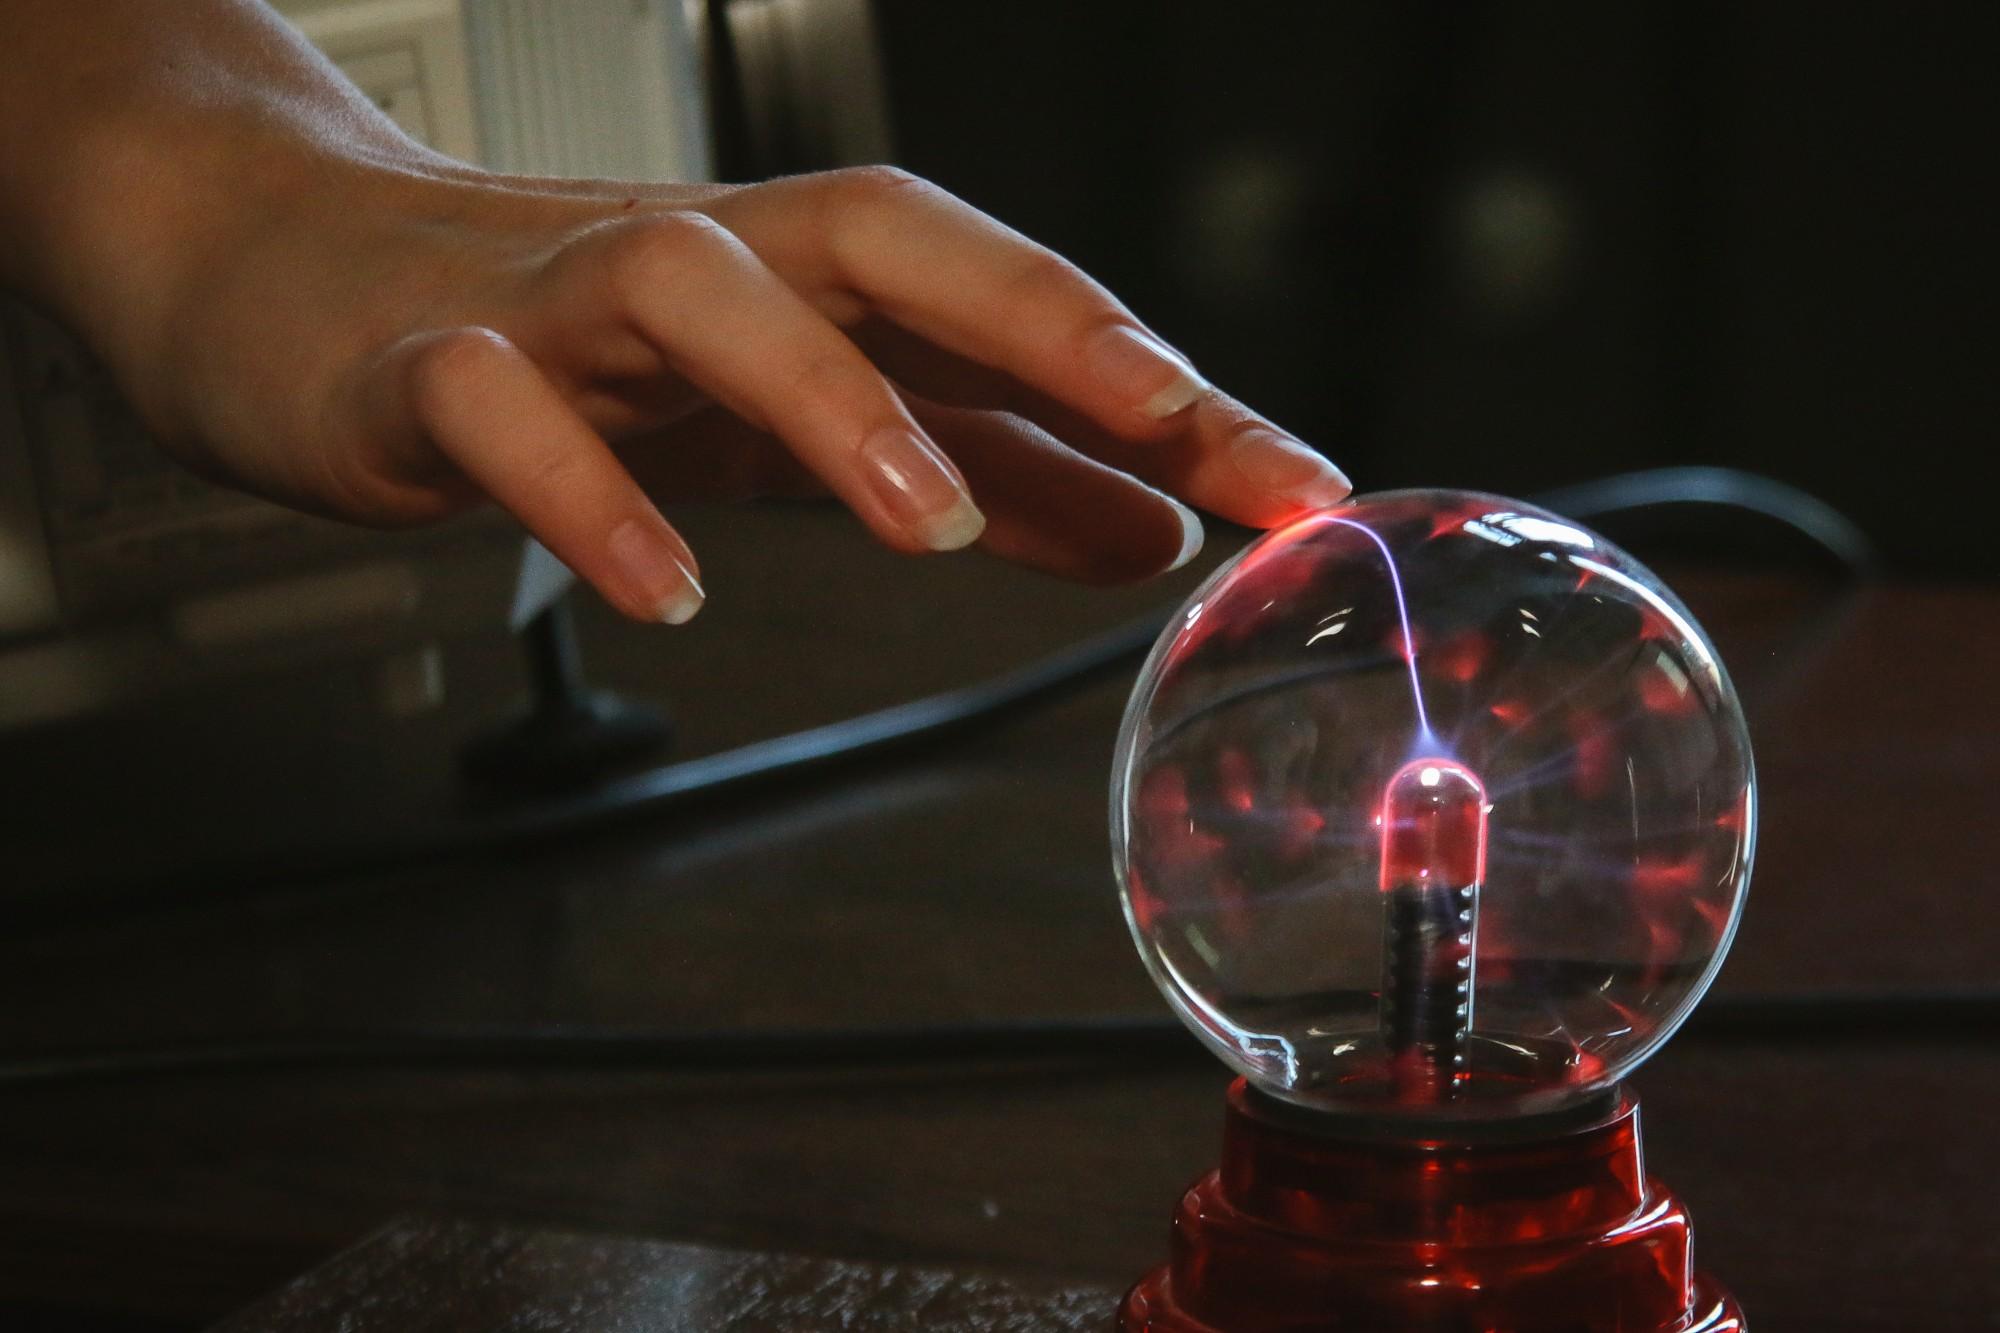 Zinātnieku naktī varēs iepazīties ar sasniegumiem, kuri ietekmēs cilvēku dzīvi nākotnē